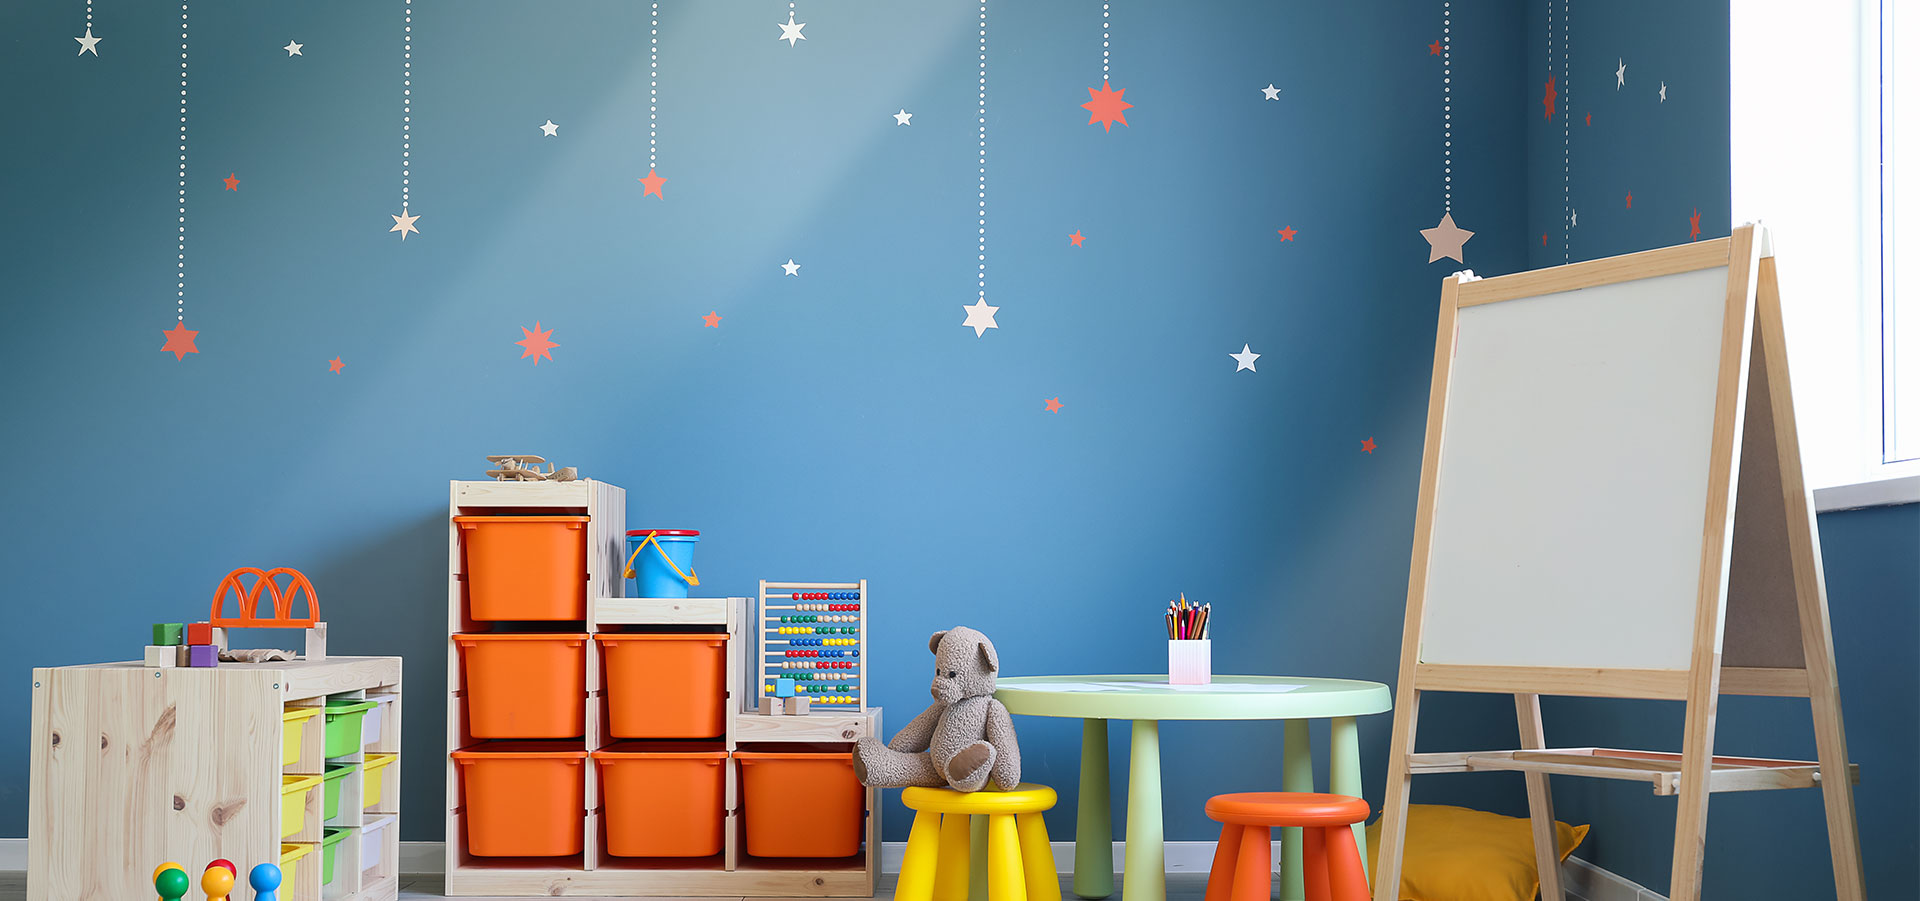 Inspirasjon: Glassvegg på barnerommet